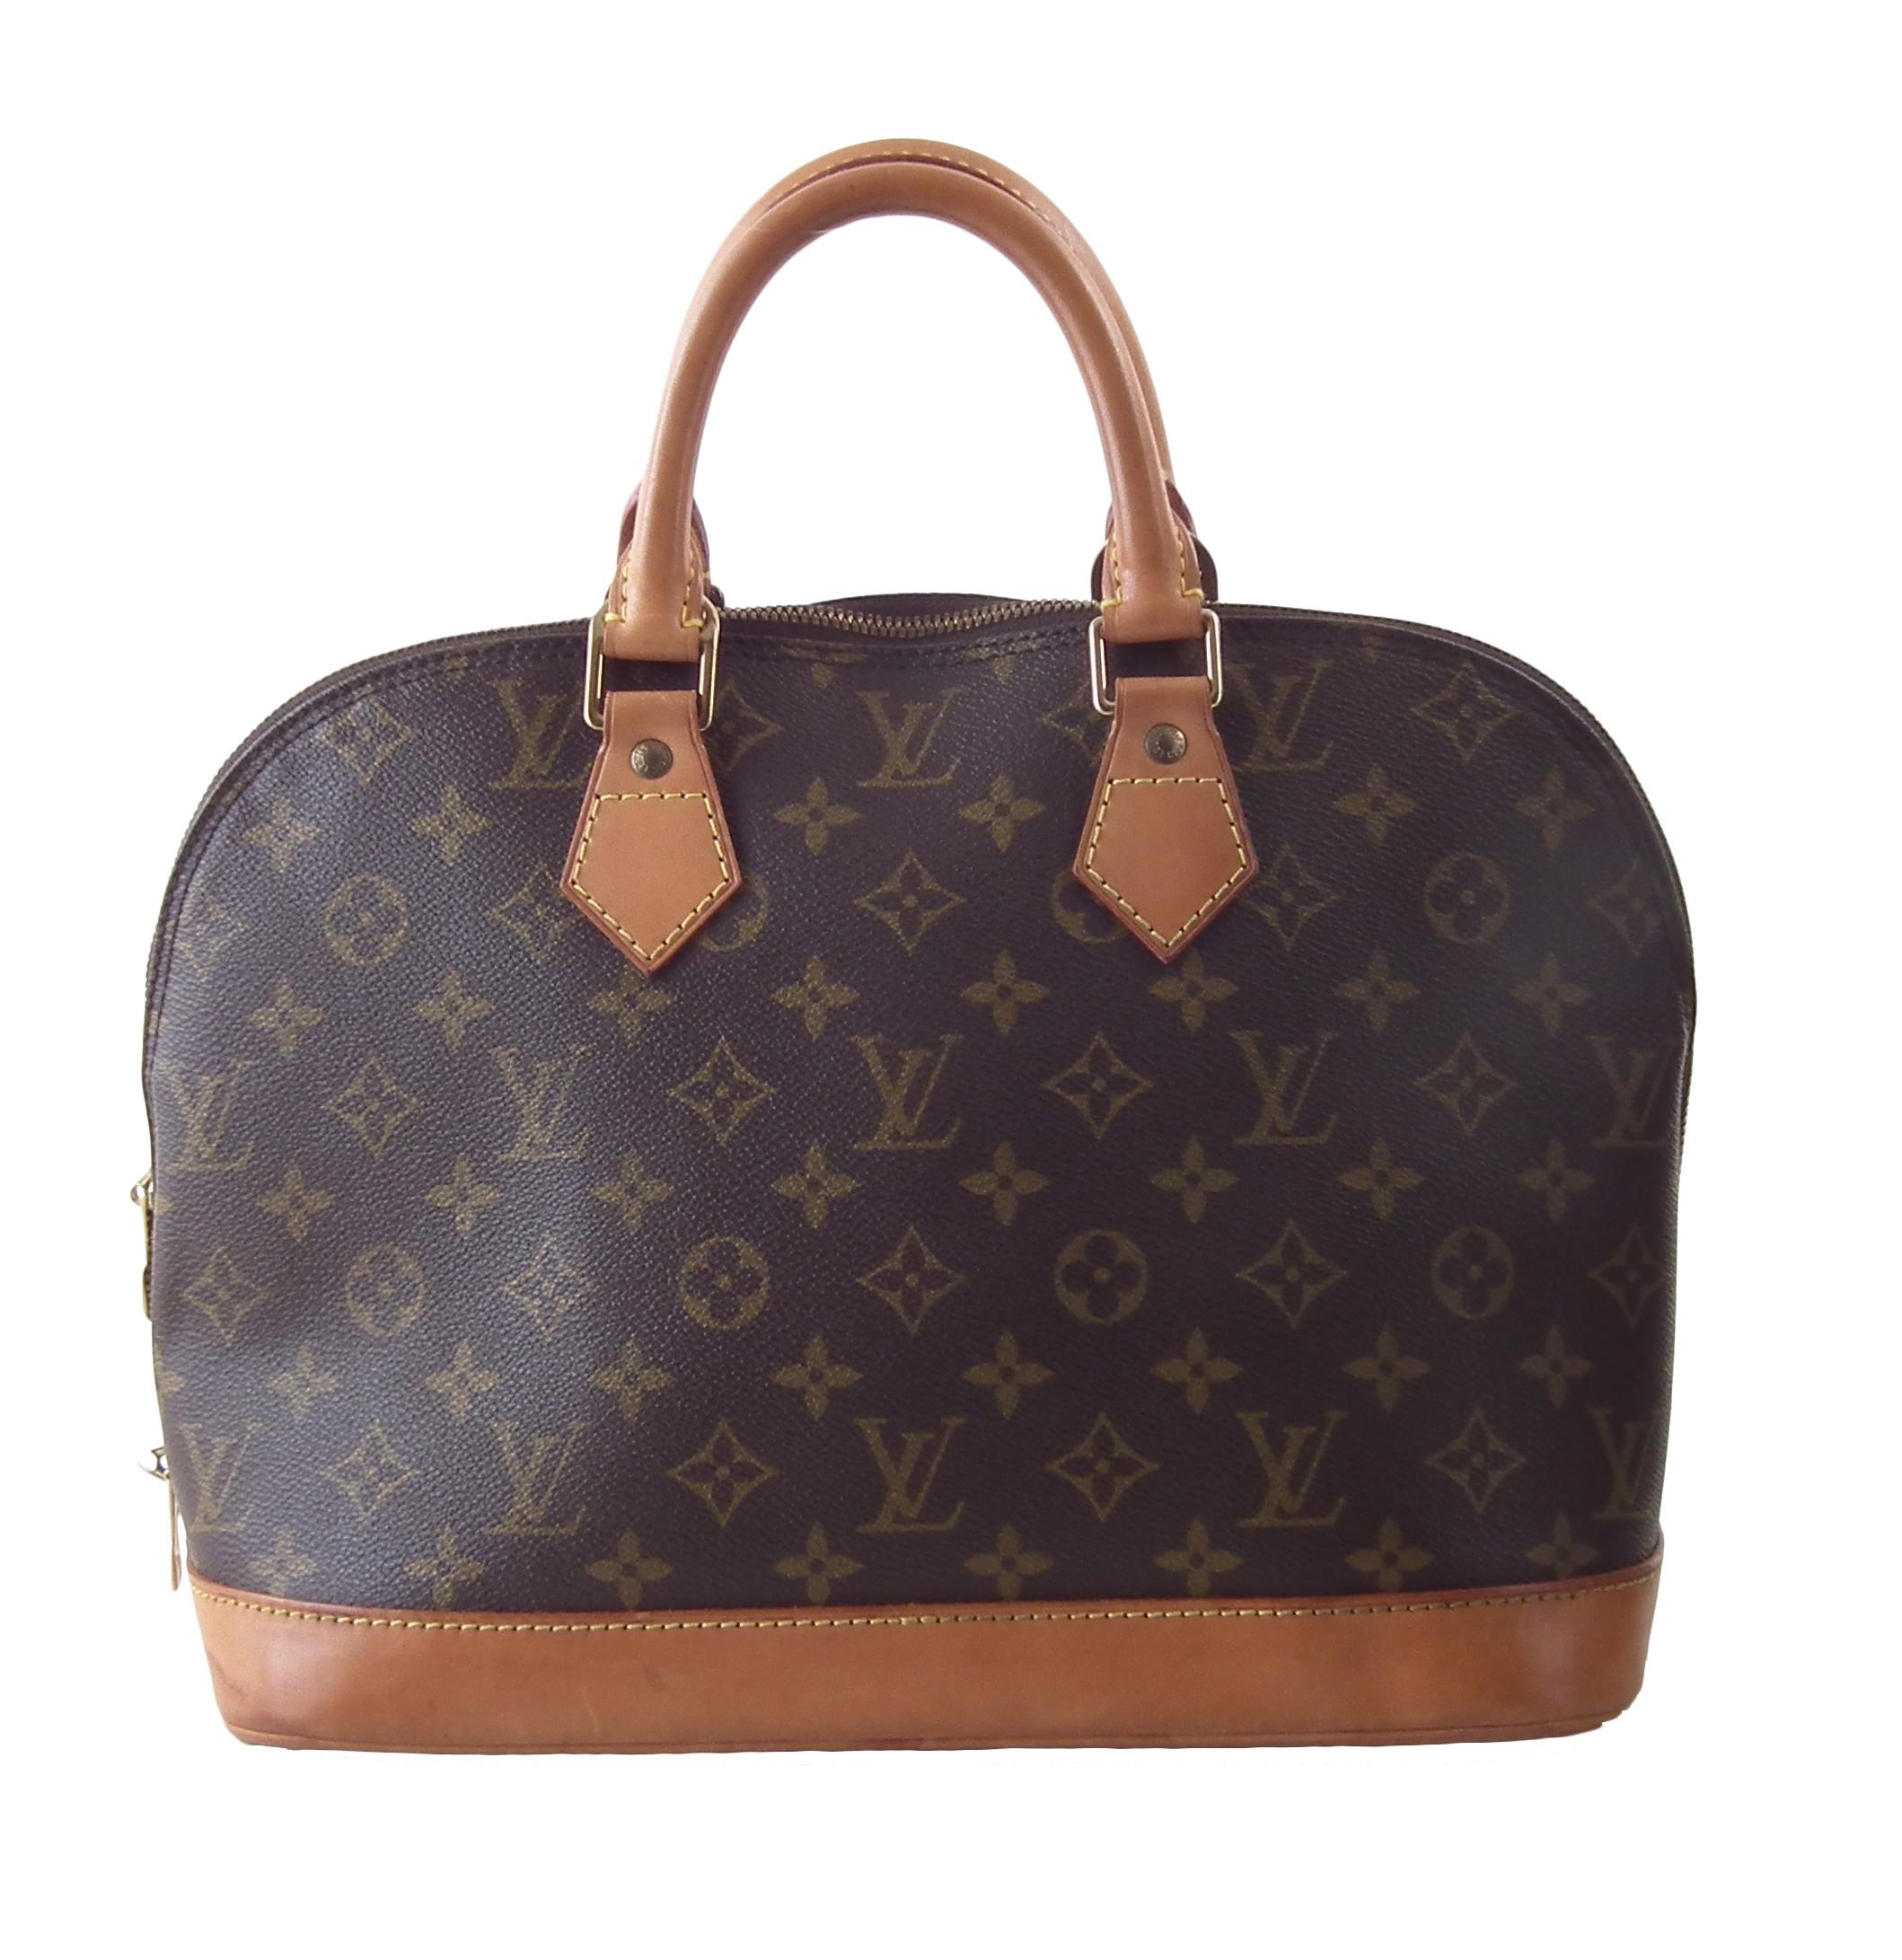 A Louis Vuitton Monogram Alma PM handbag